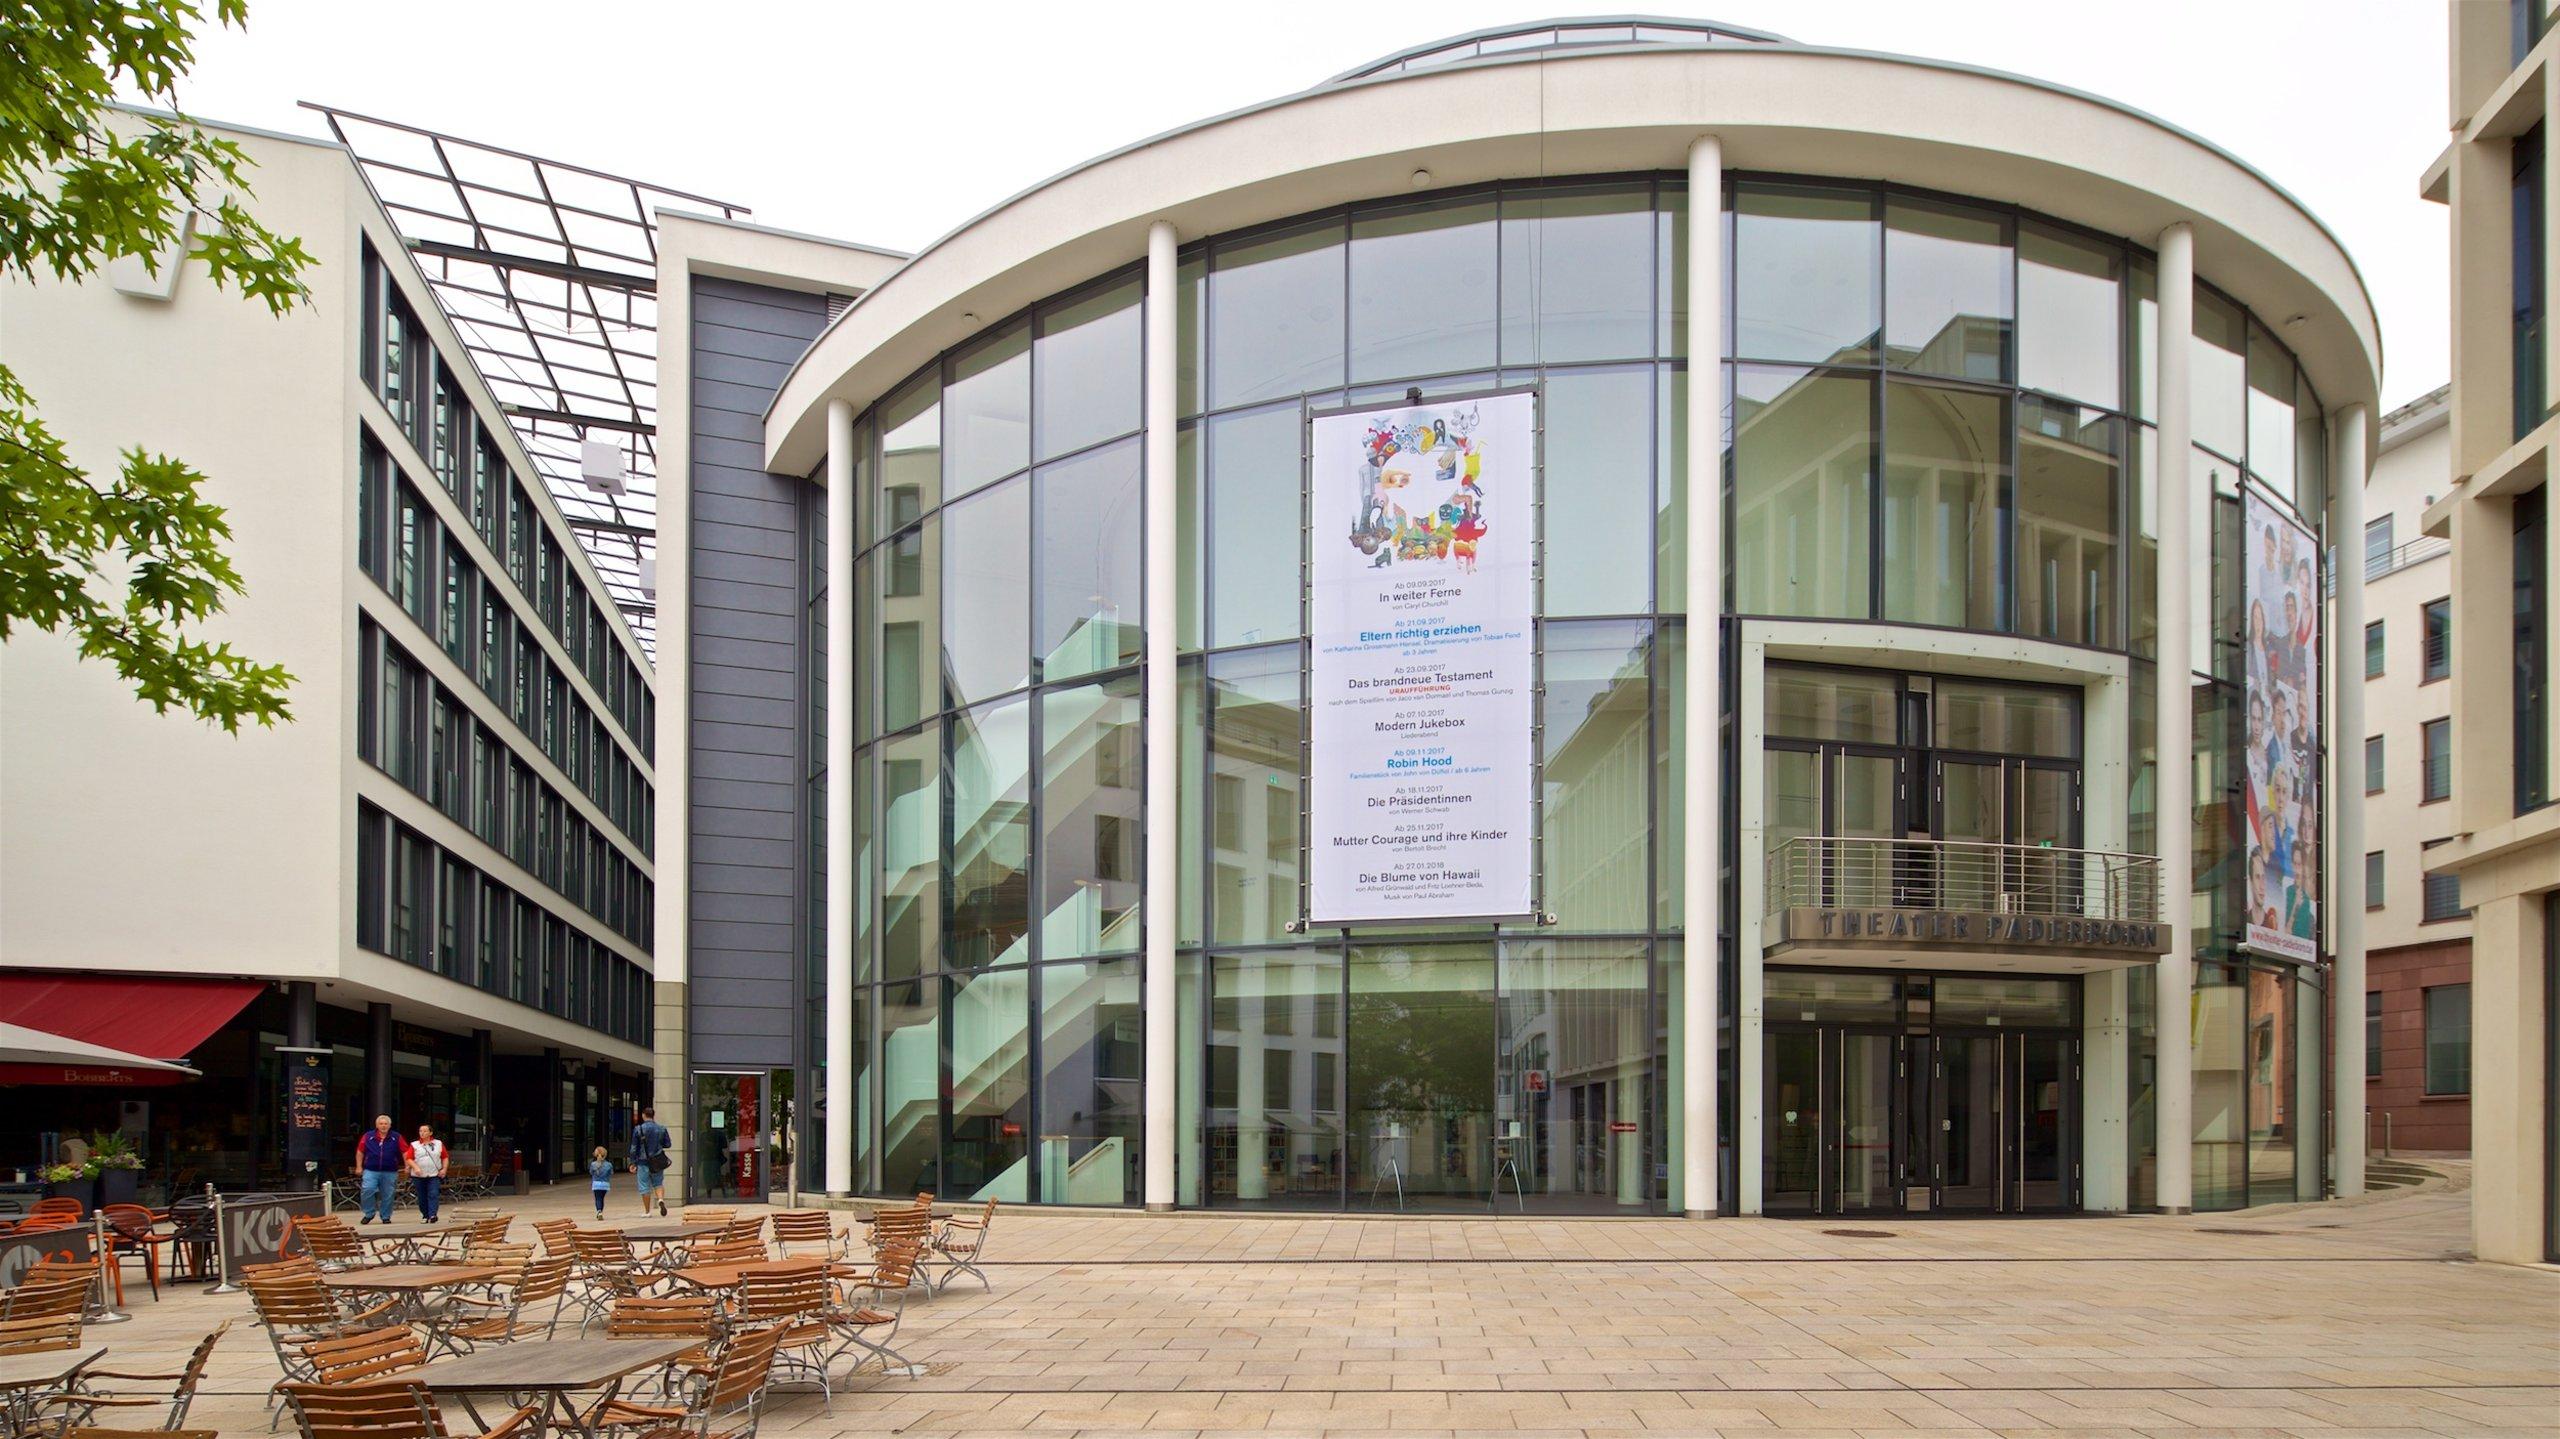 Theater Paderborn, Paderborn, Noordrijn-Westfalen, Duitsland